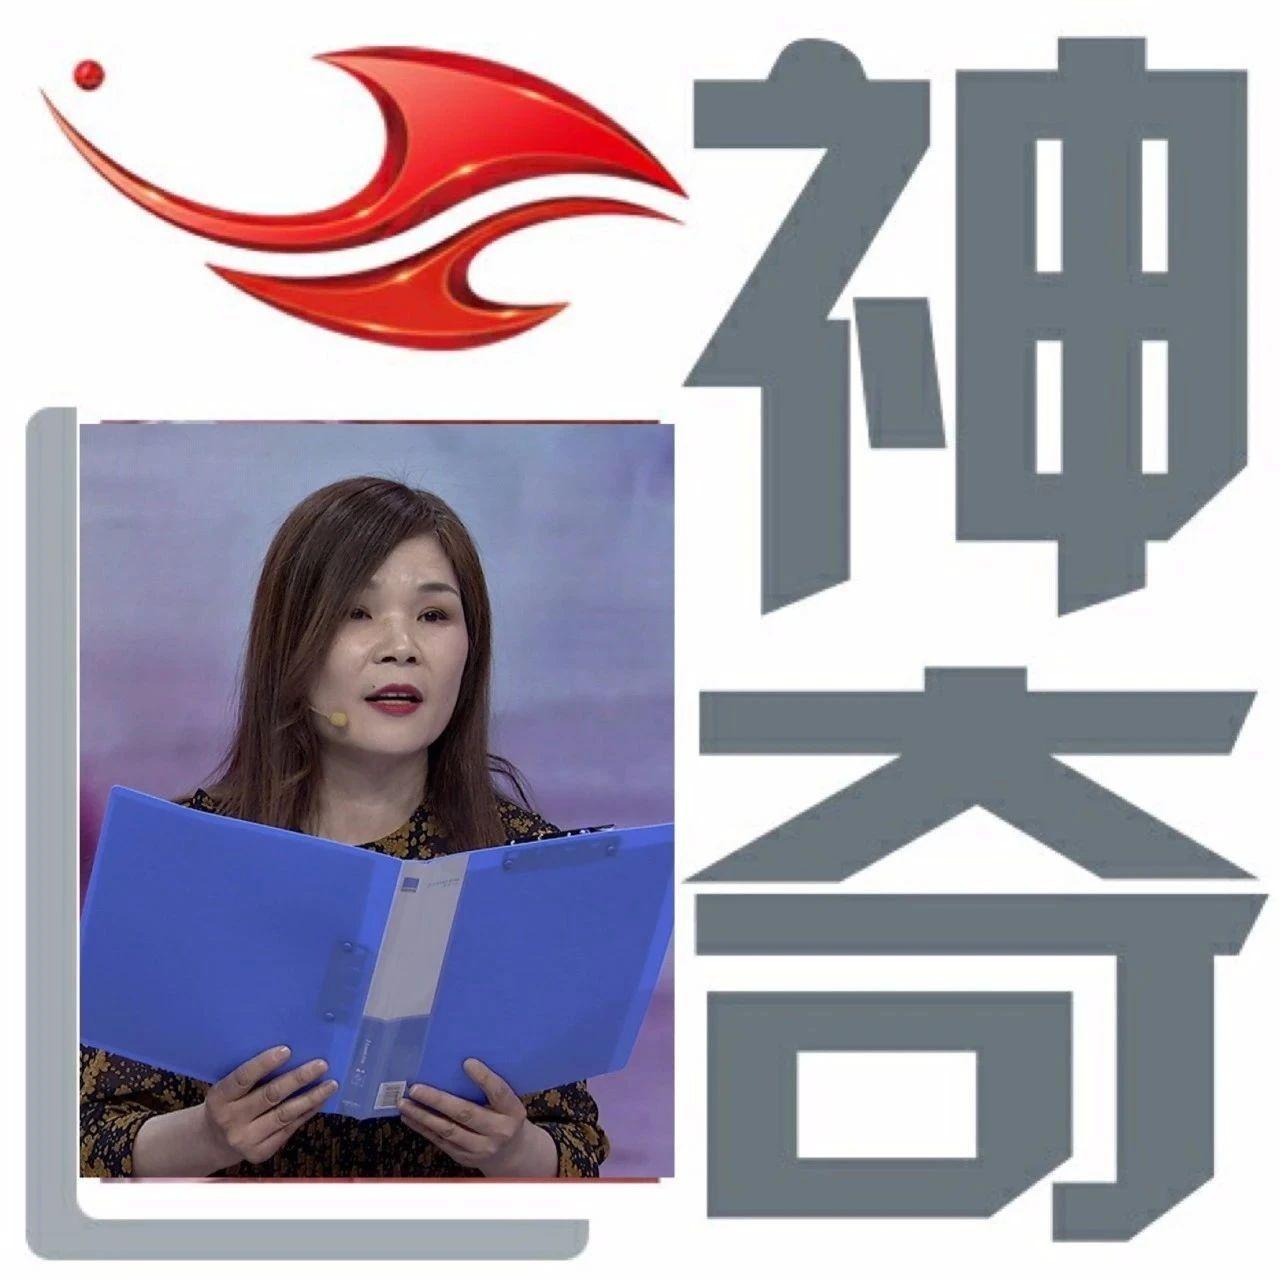 48岁全职妈妈应聘宿管阿姨开始学习英语,重现电影原音,成为浙大红人!